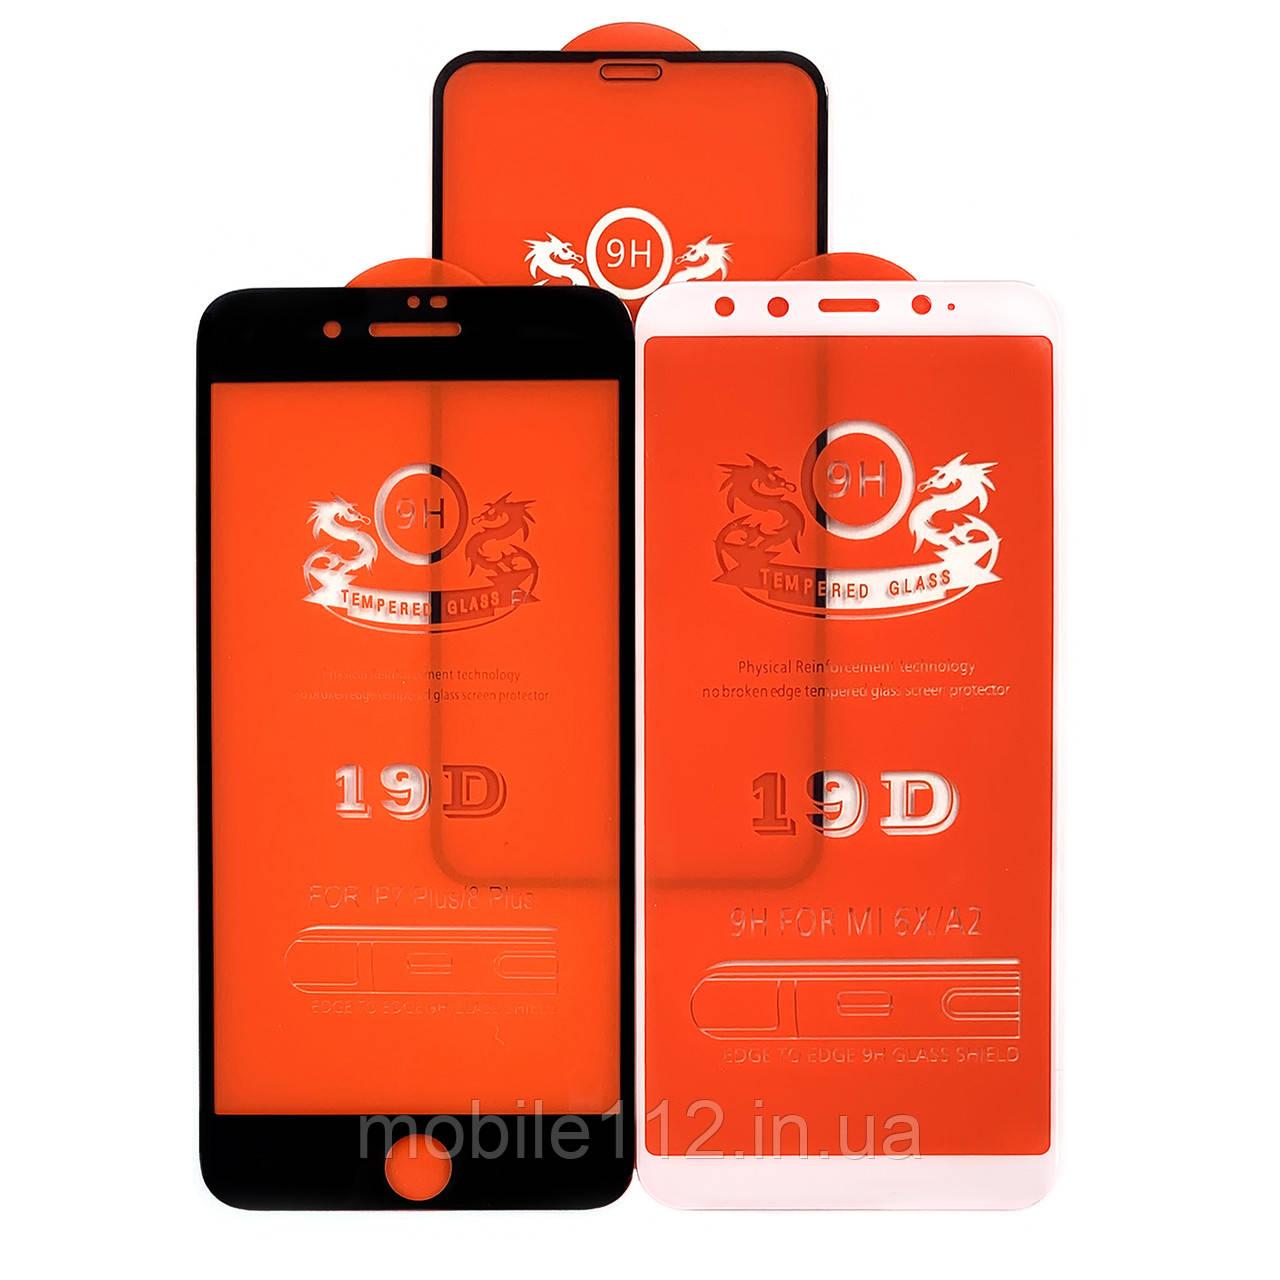 Защитное стекло Samsung Galaxy A71 A715F, M51 M515F Xiaomi Mi 10T, Note 10 Pro, Redmi K30, Poco X2 черное 19D